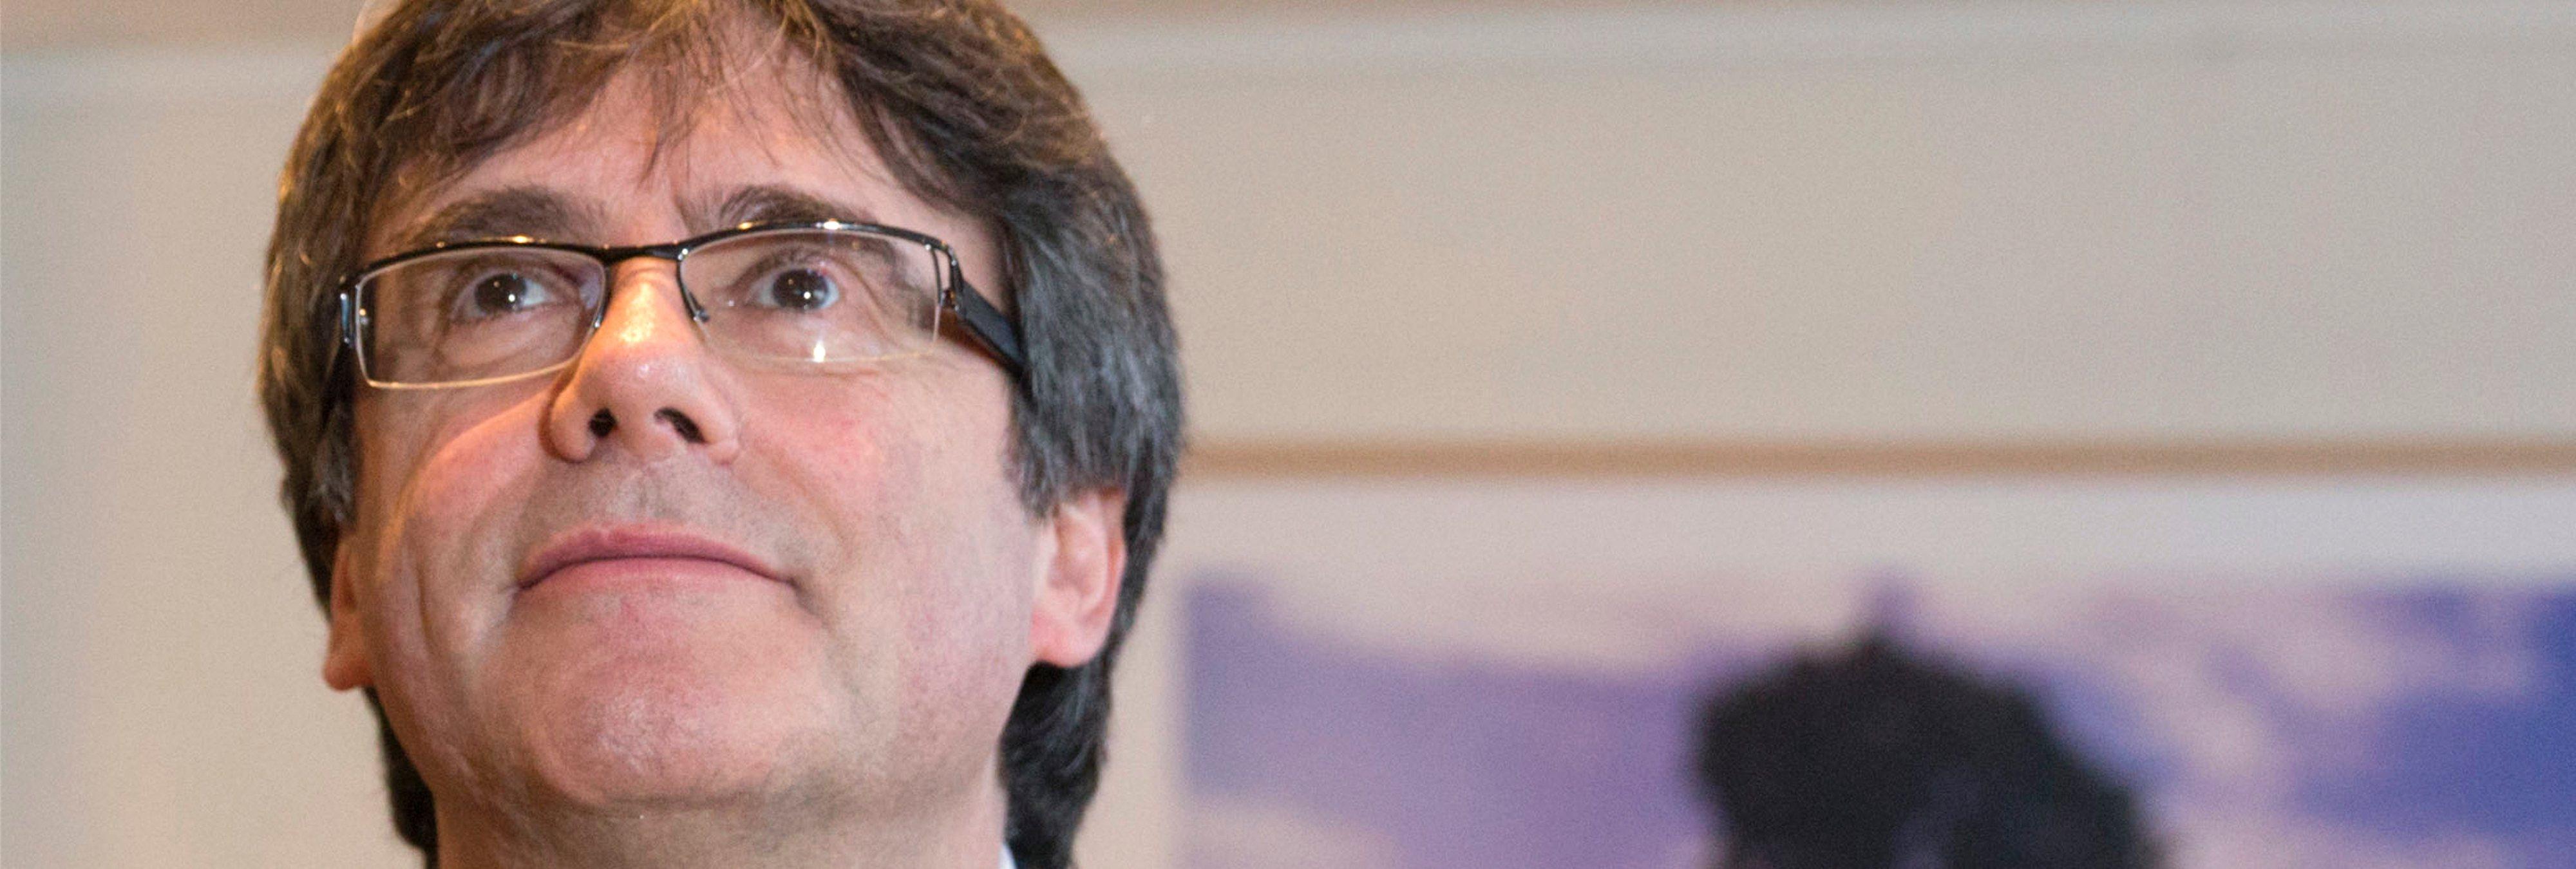 La justicia alemana decide extraditar a Puigdemont por malversación pero descarta la rebelión